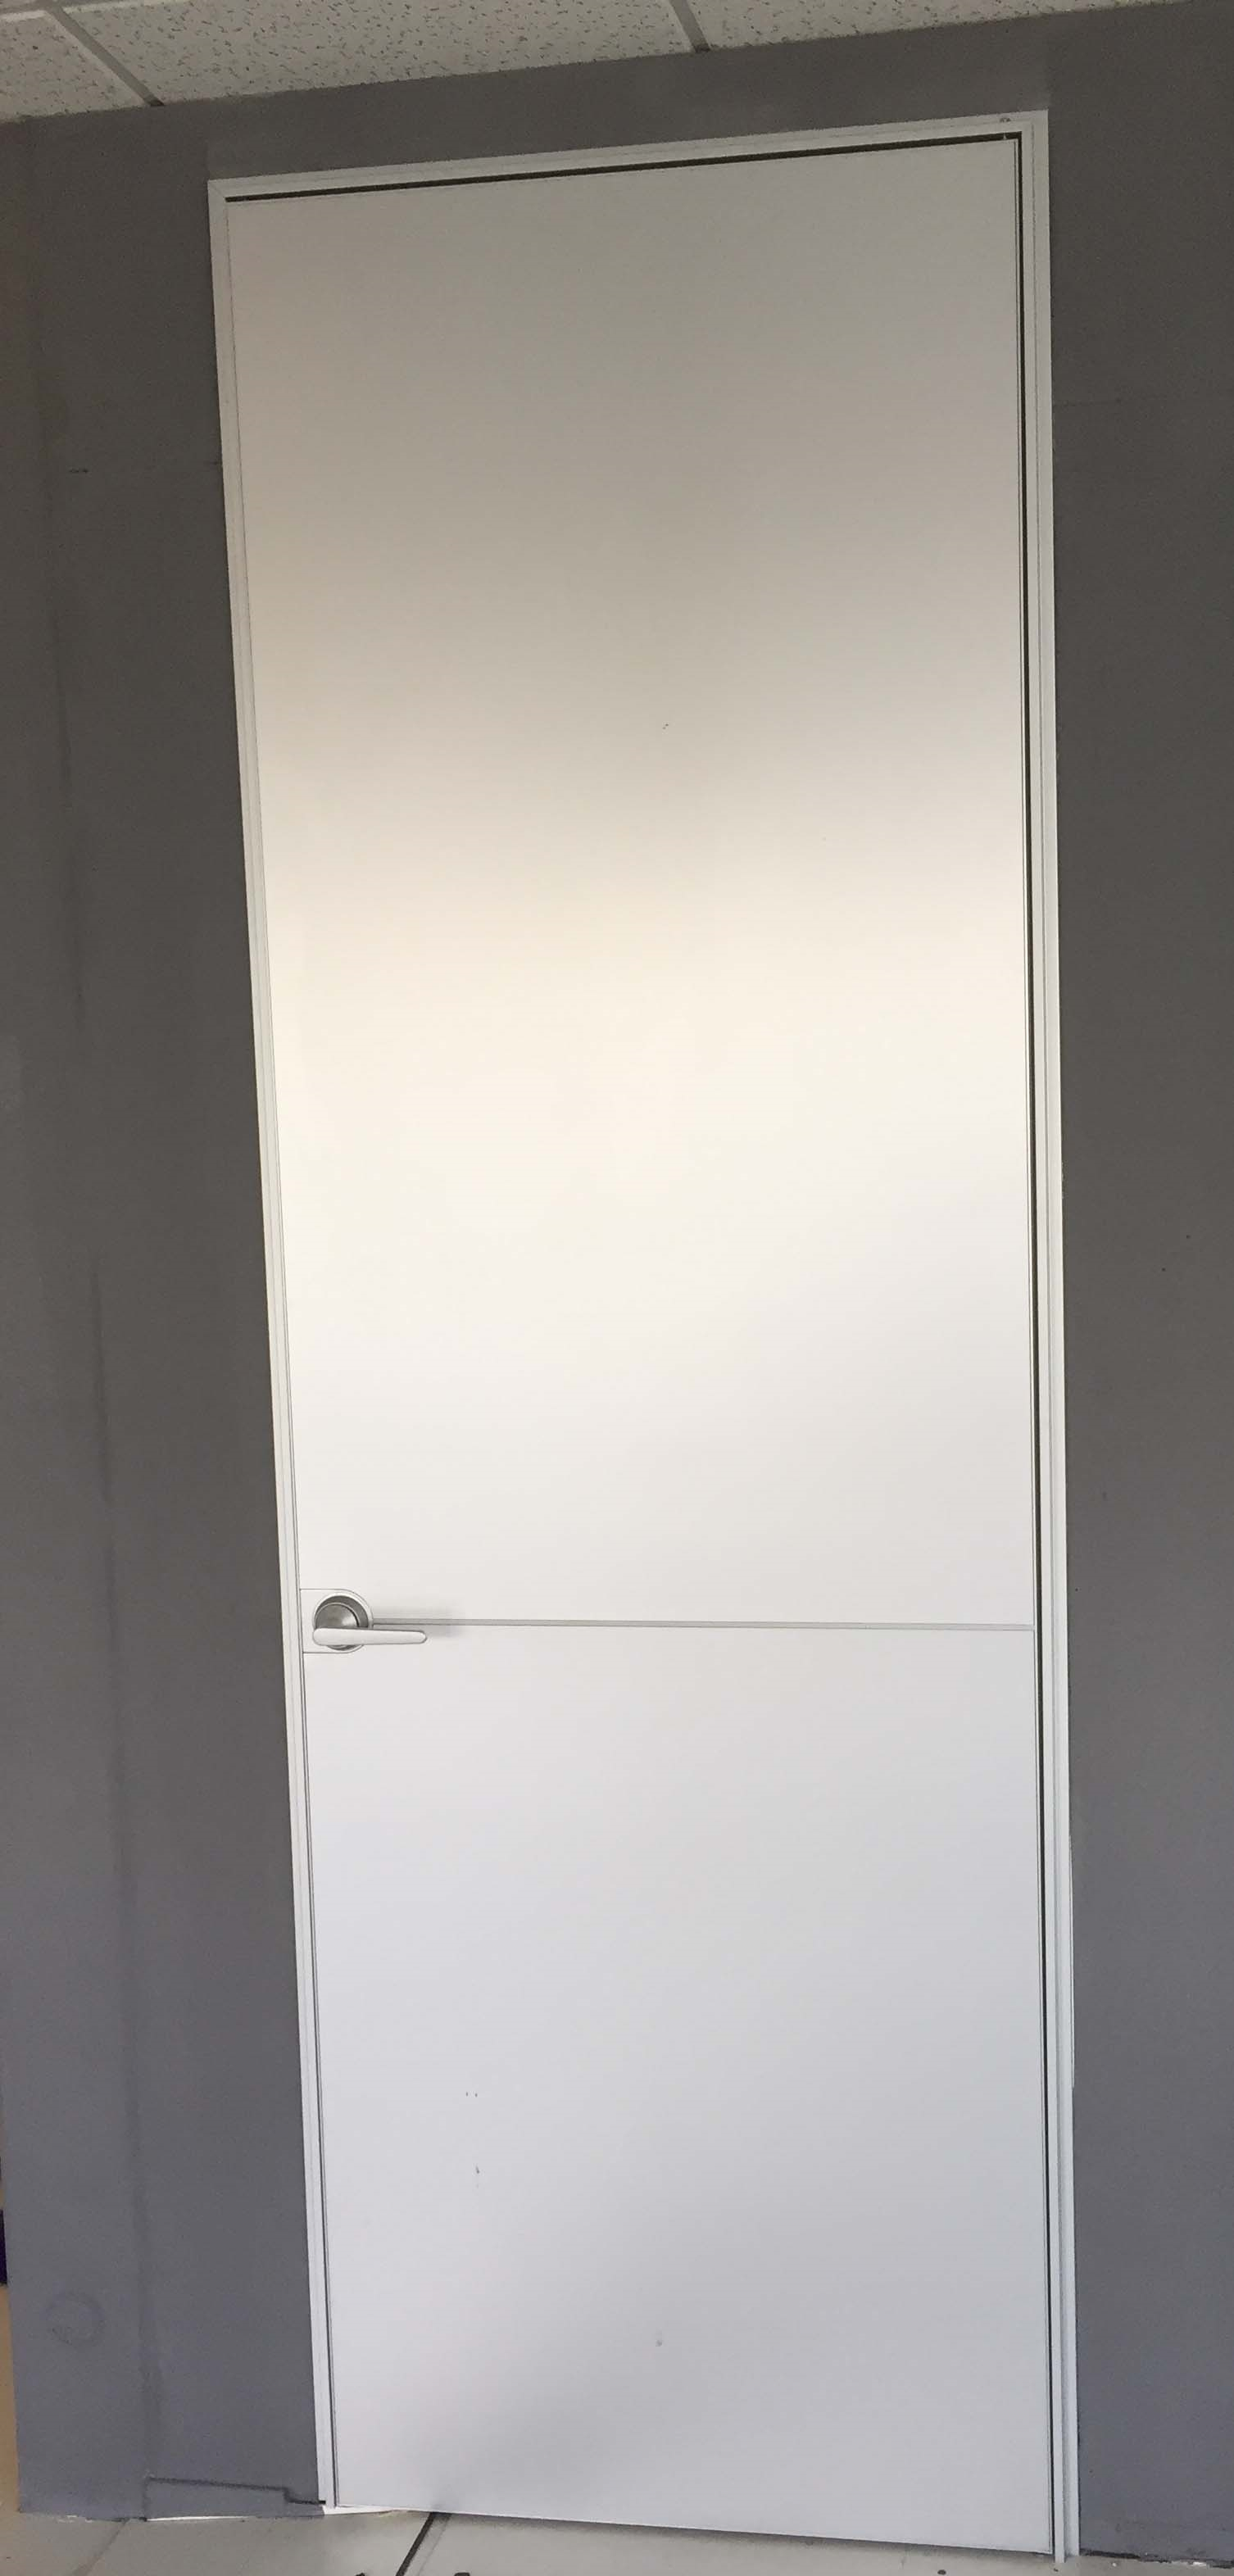 Porta rimadesio plana battente scontata 70%   porte a prezzi scontati